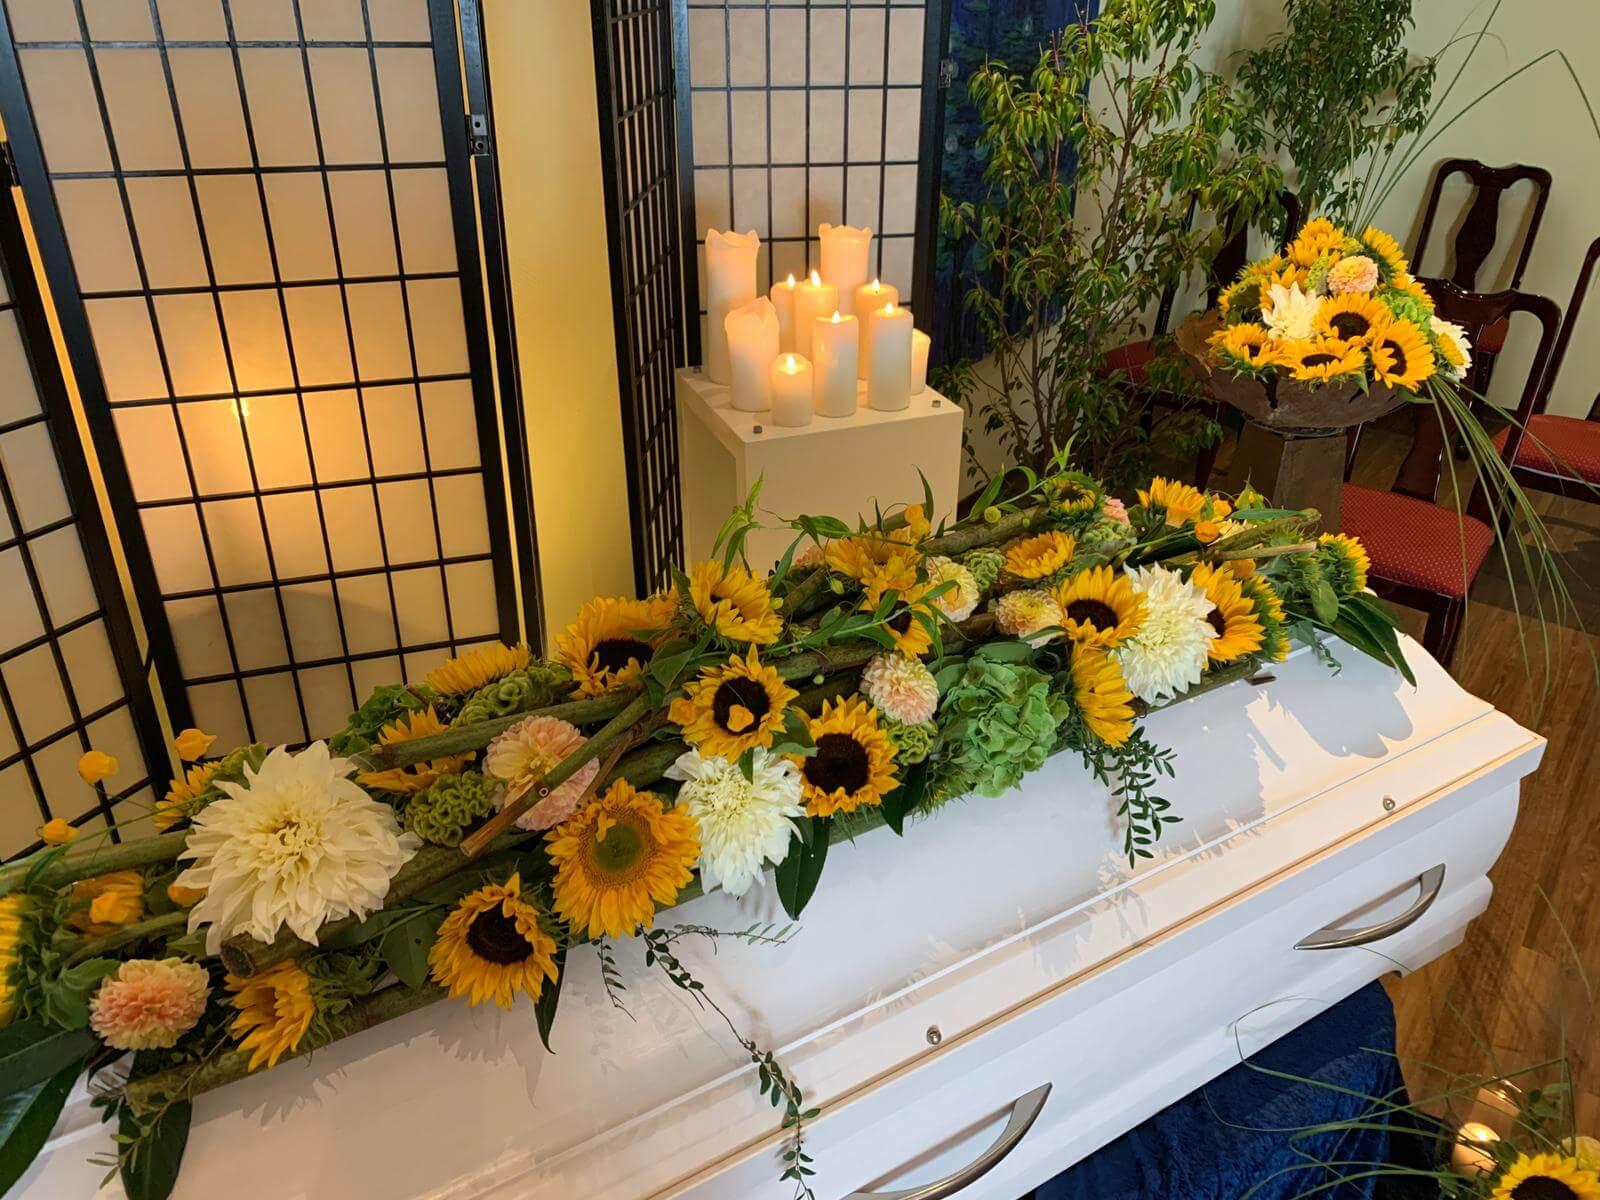 Sonnenblumen-Sargbukett auf weißem Sarg